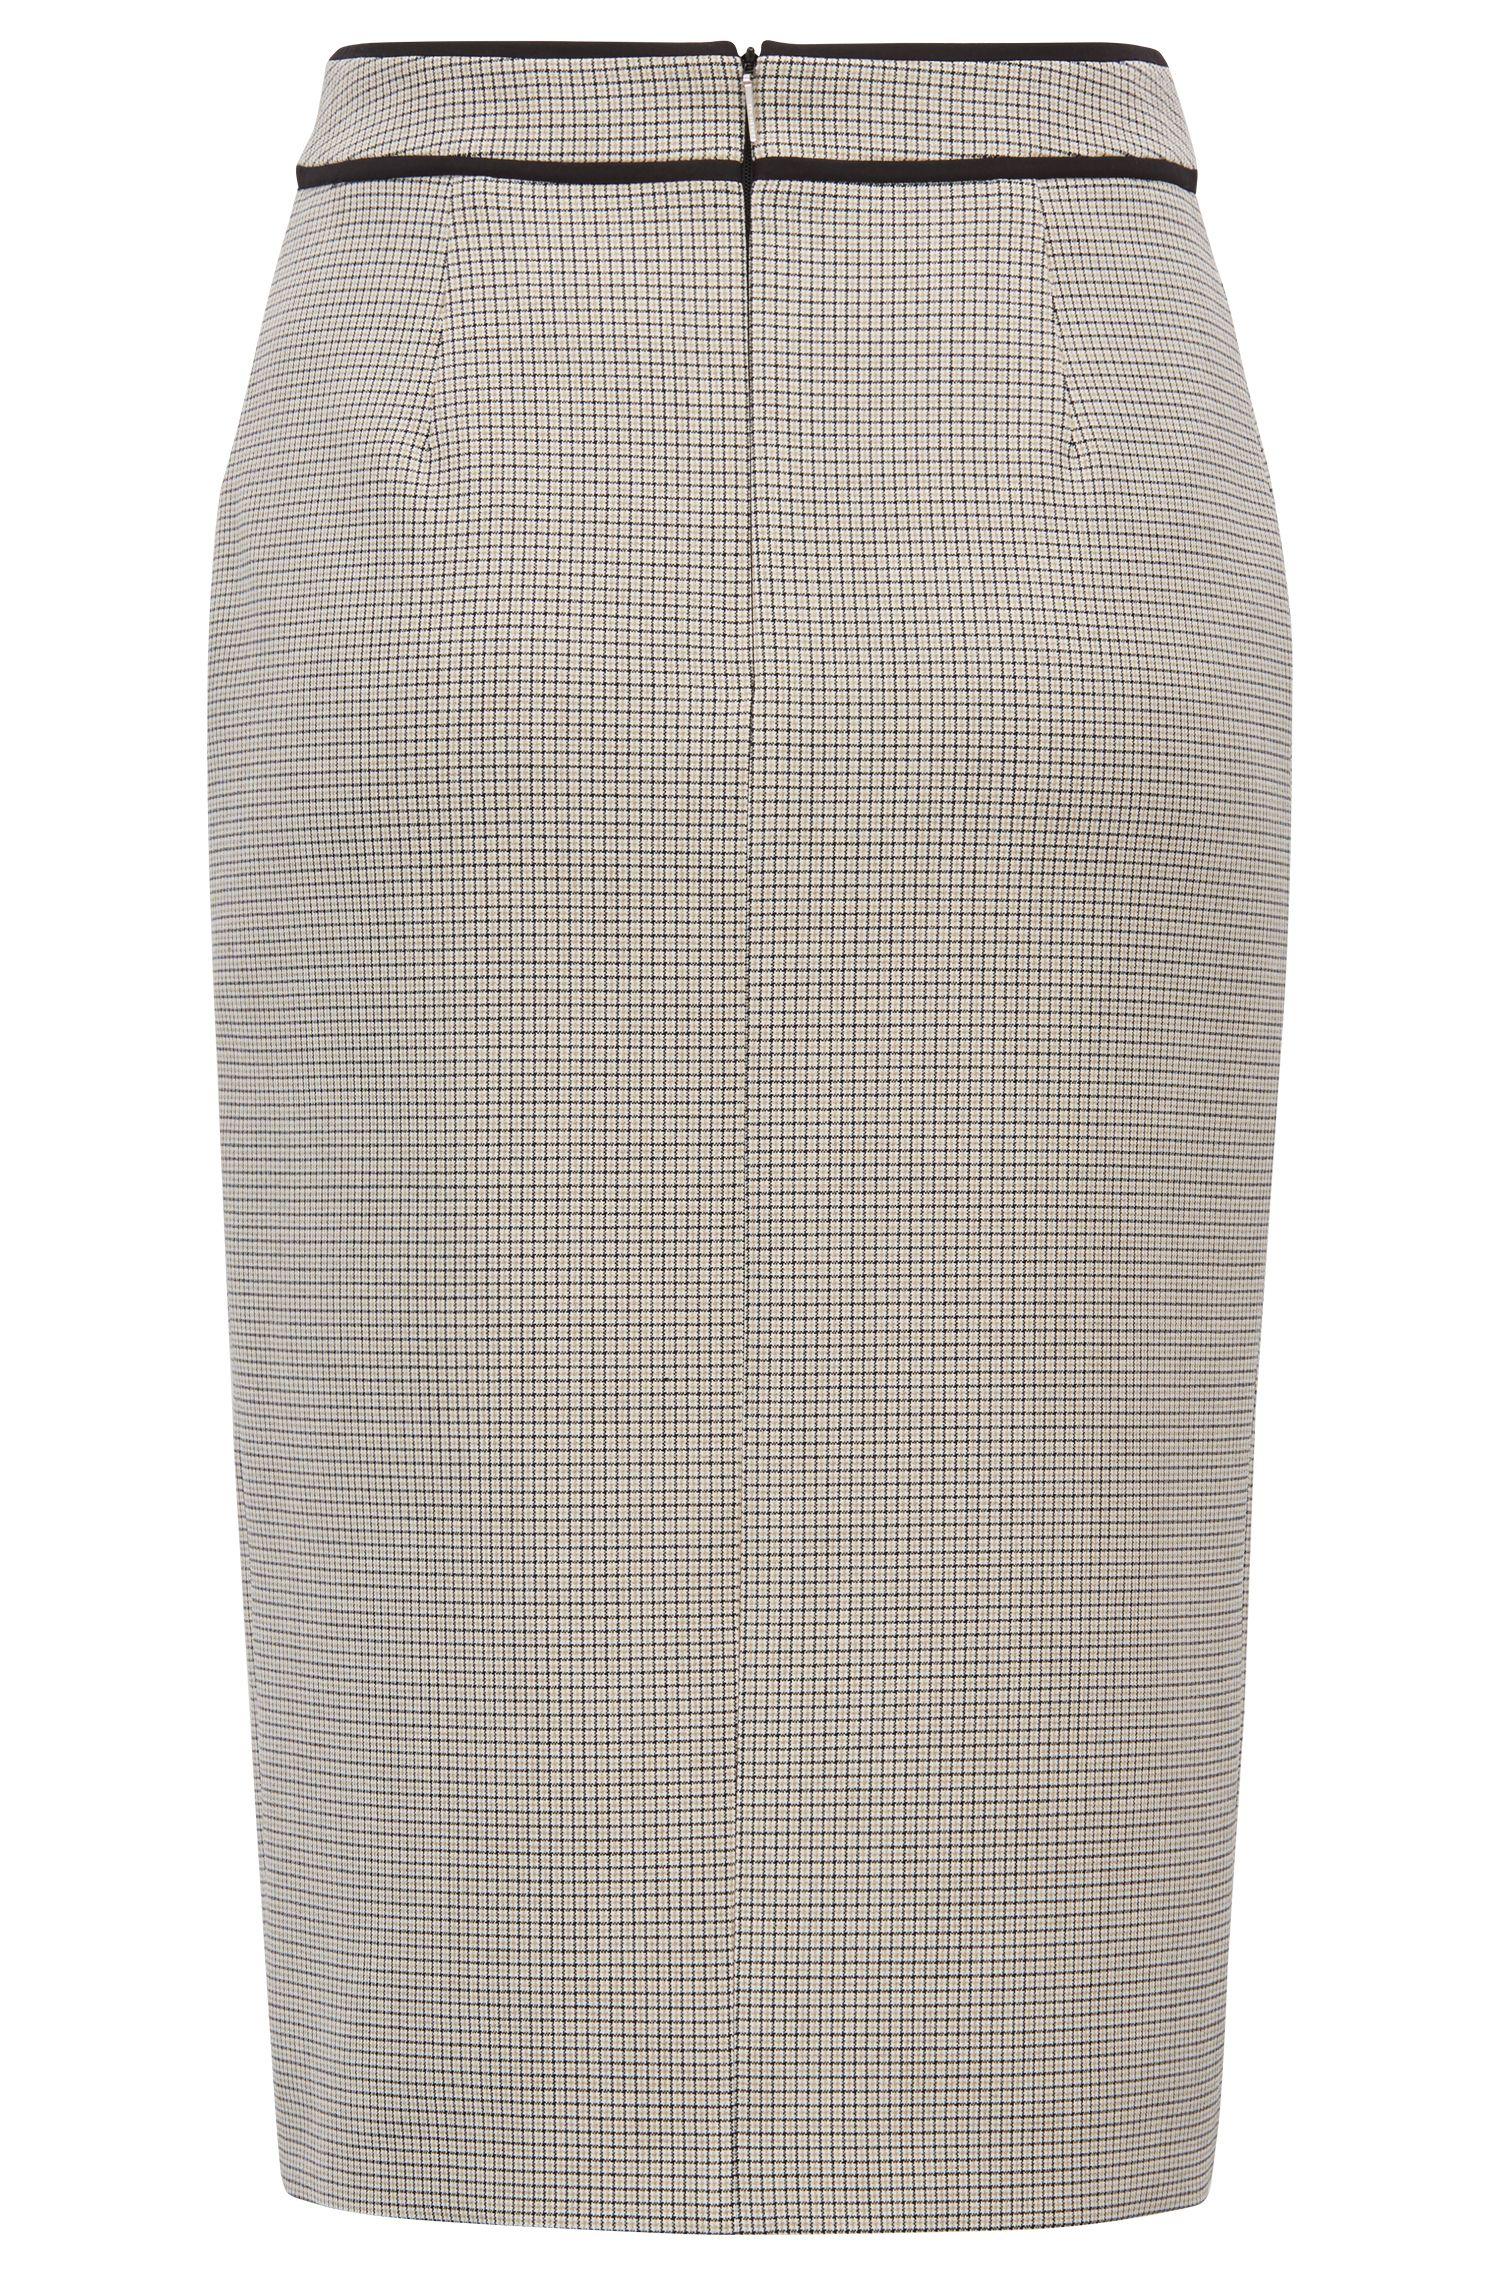 Jupe crayon en tissu stretch à carreaux avec fermeture éclair sur le devant